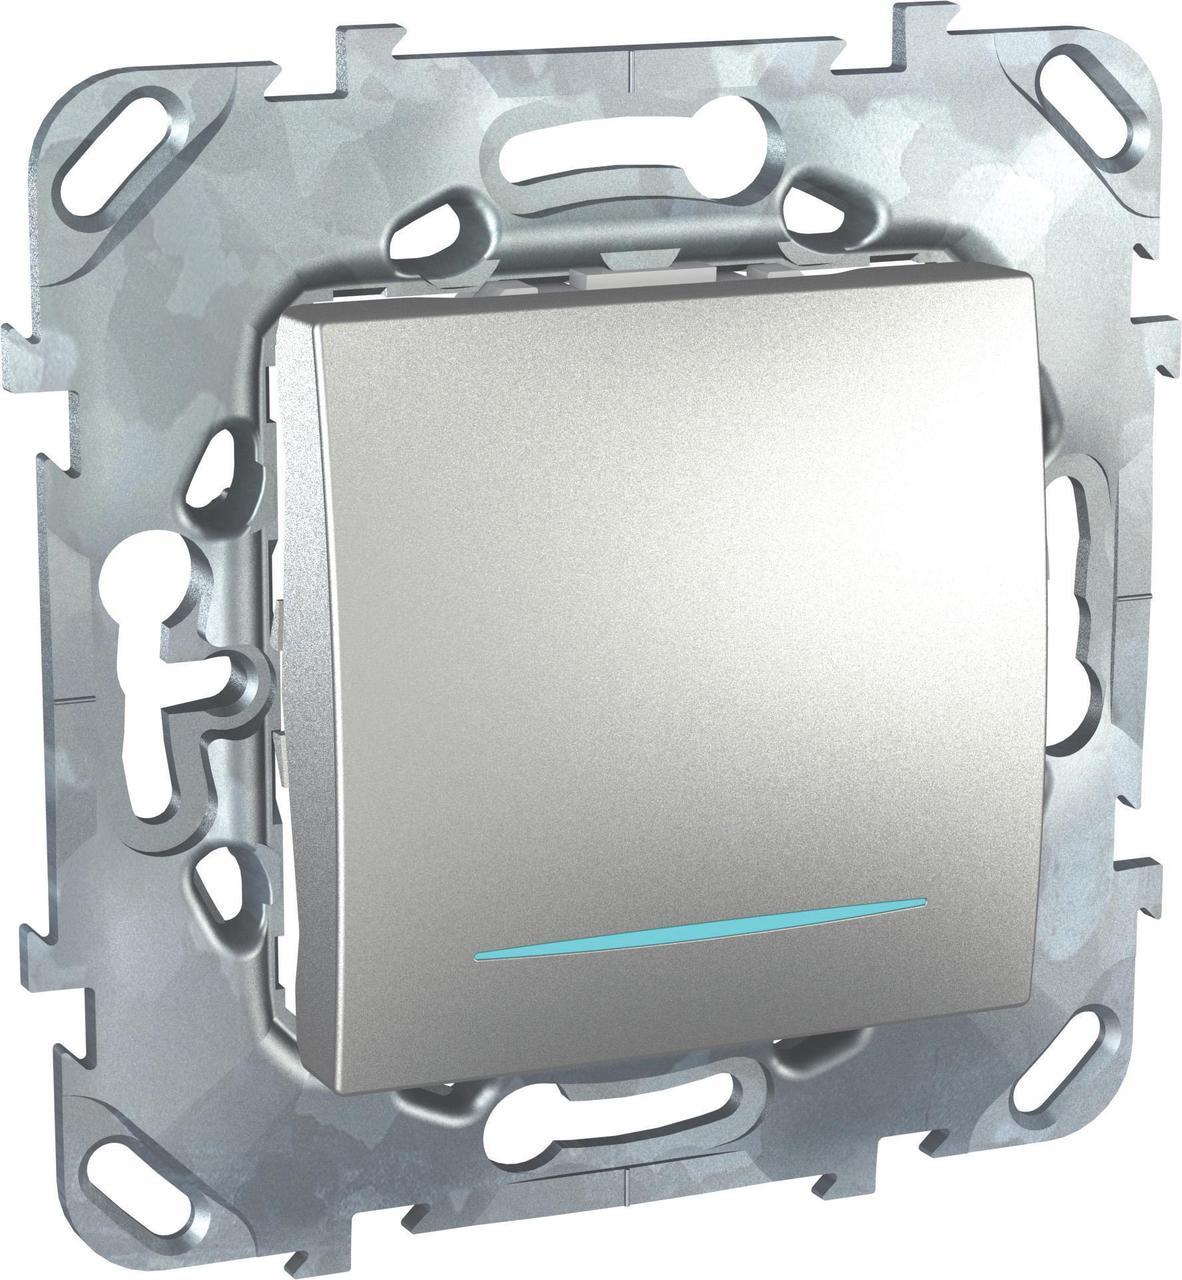 Выключатель 1-клавишный, перекрестный с подсветкой (с трех мест) , Алюминий, серия UNICA TOP/CLASS, Schneider